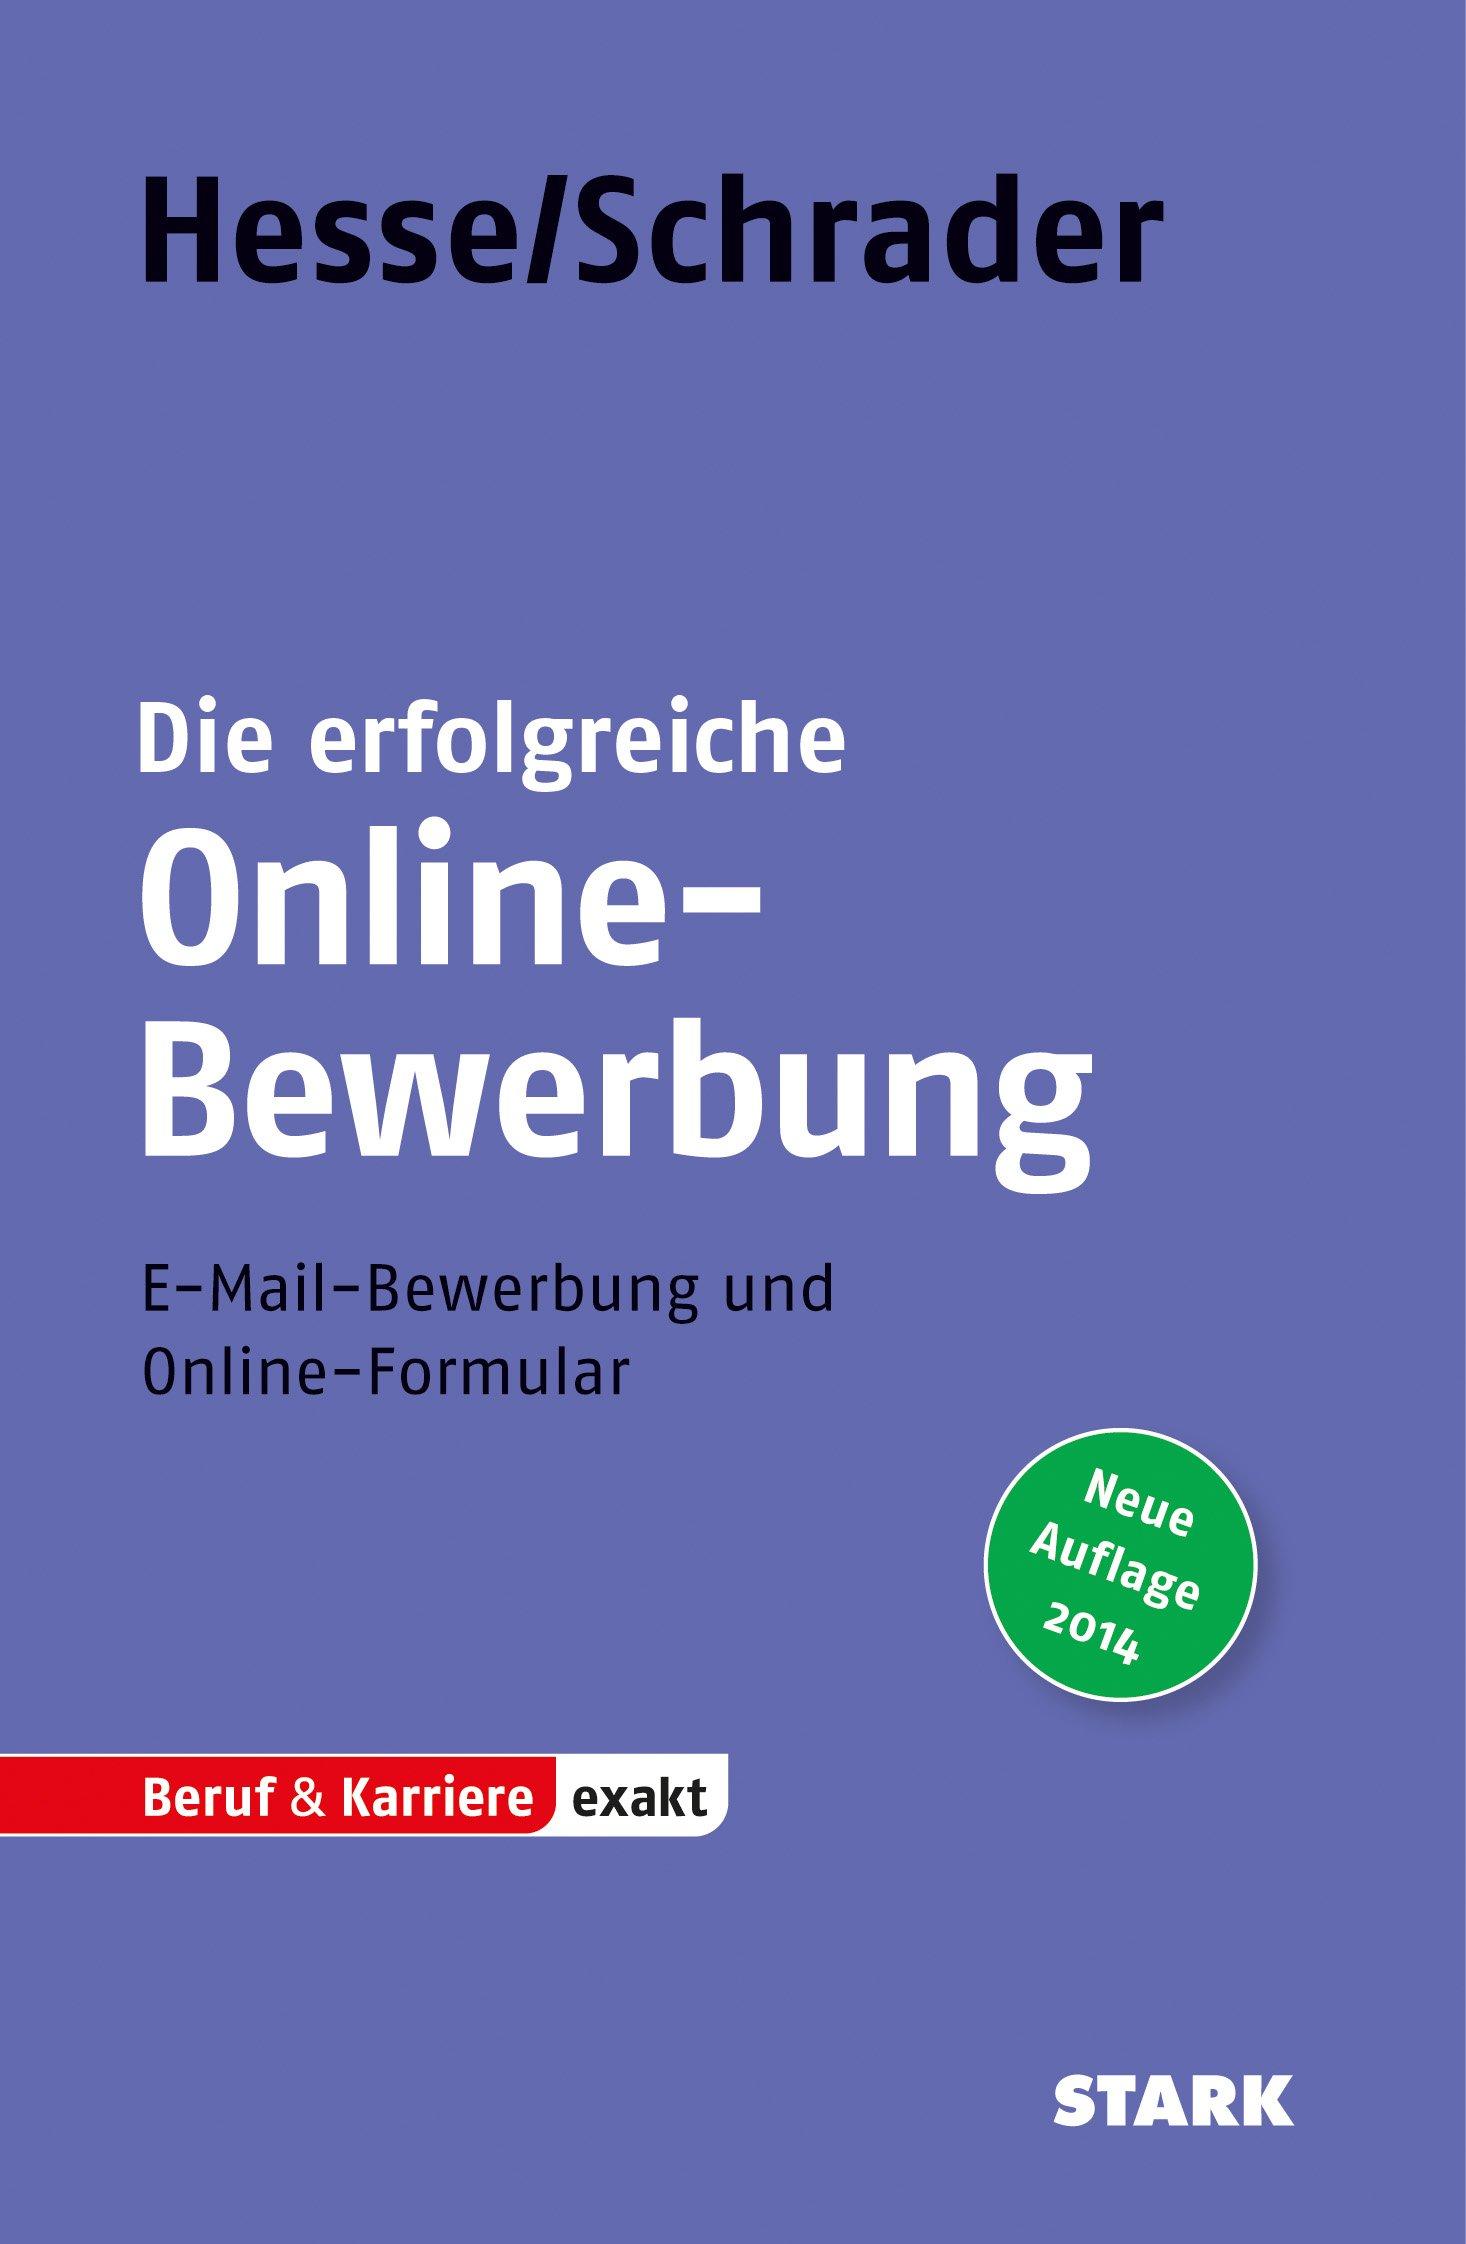 beruf-karriere-hesse-schrader-exakt-die-erfolgreiche-online-bewerbung